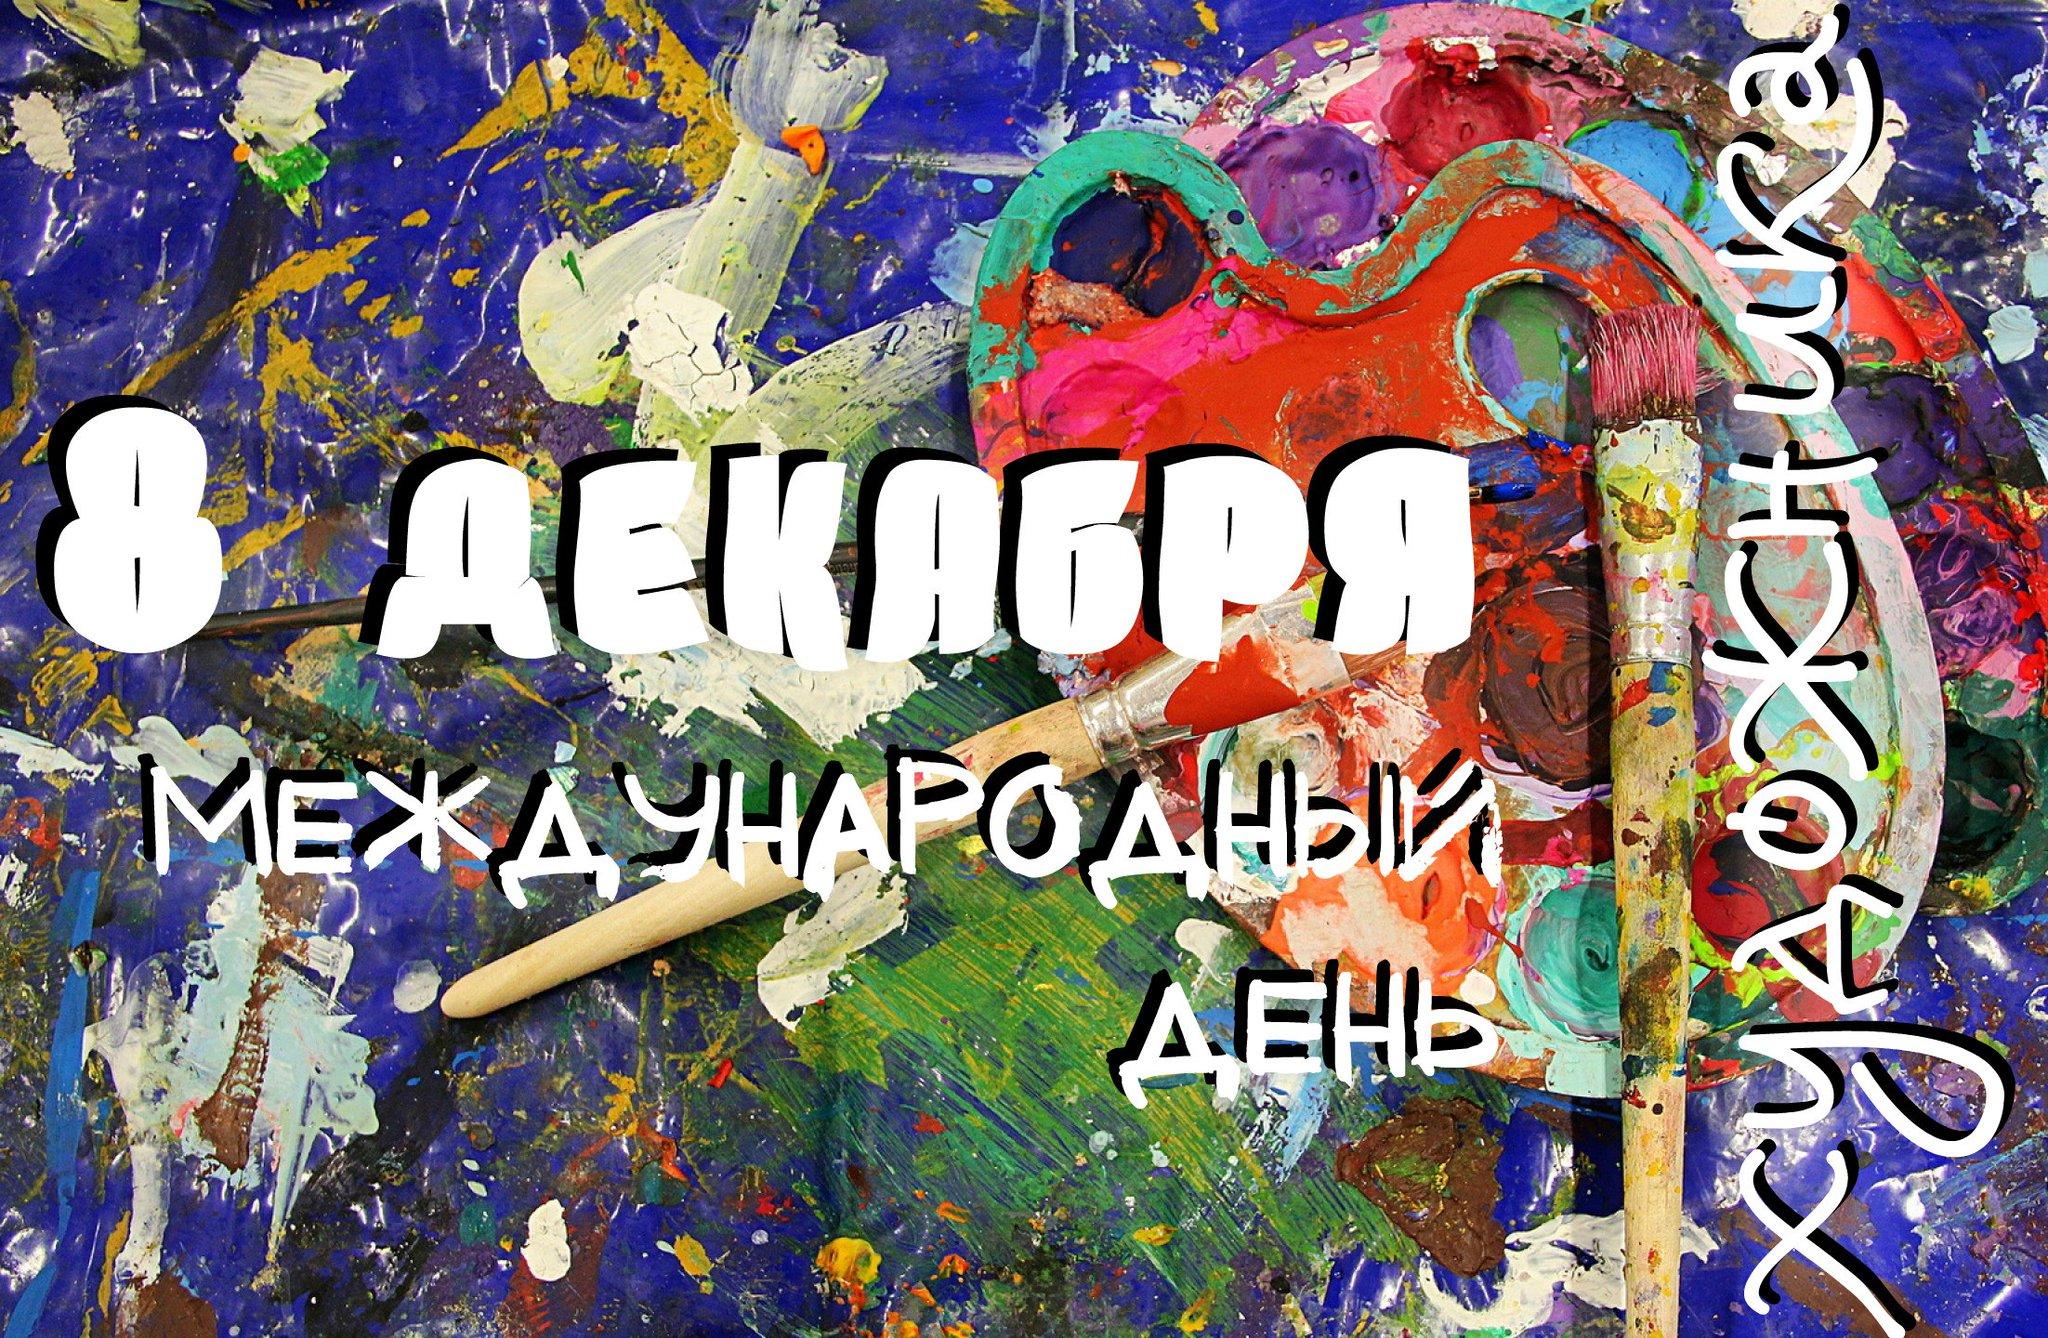 Открытки с днем художника в россии 2018, картинках днем рождения